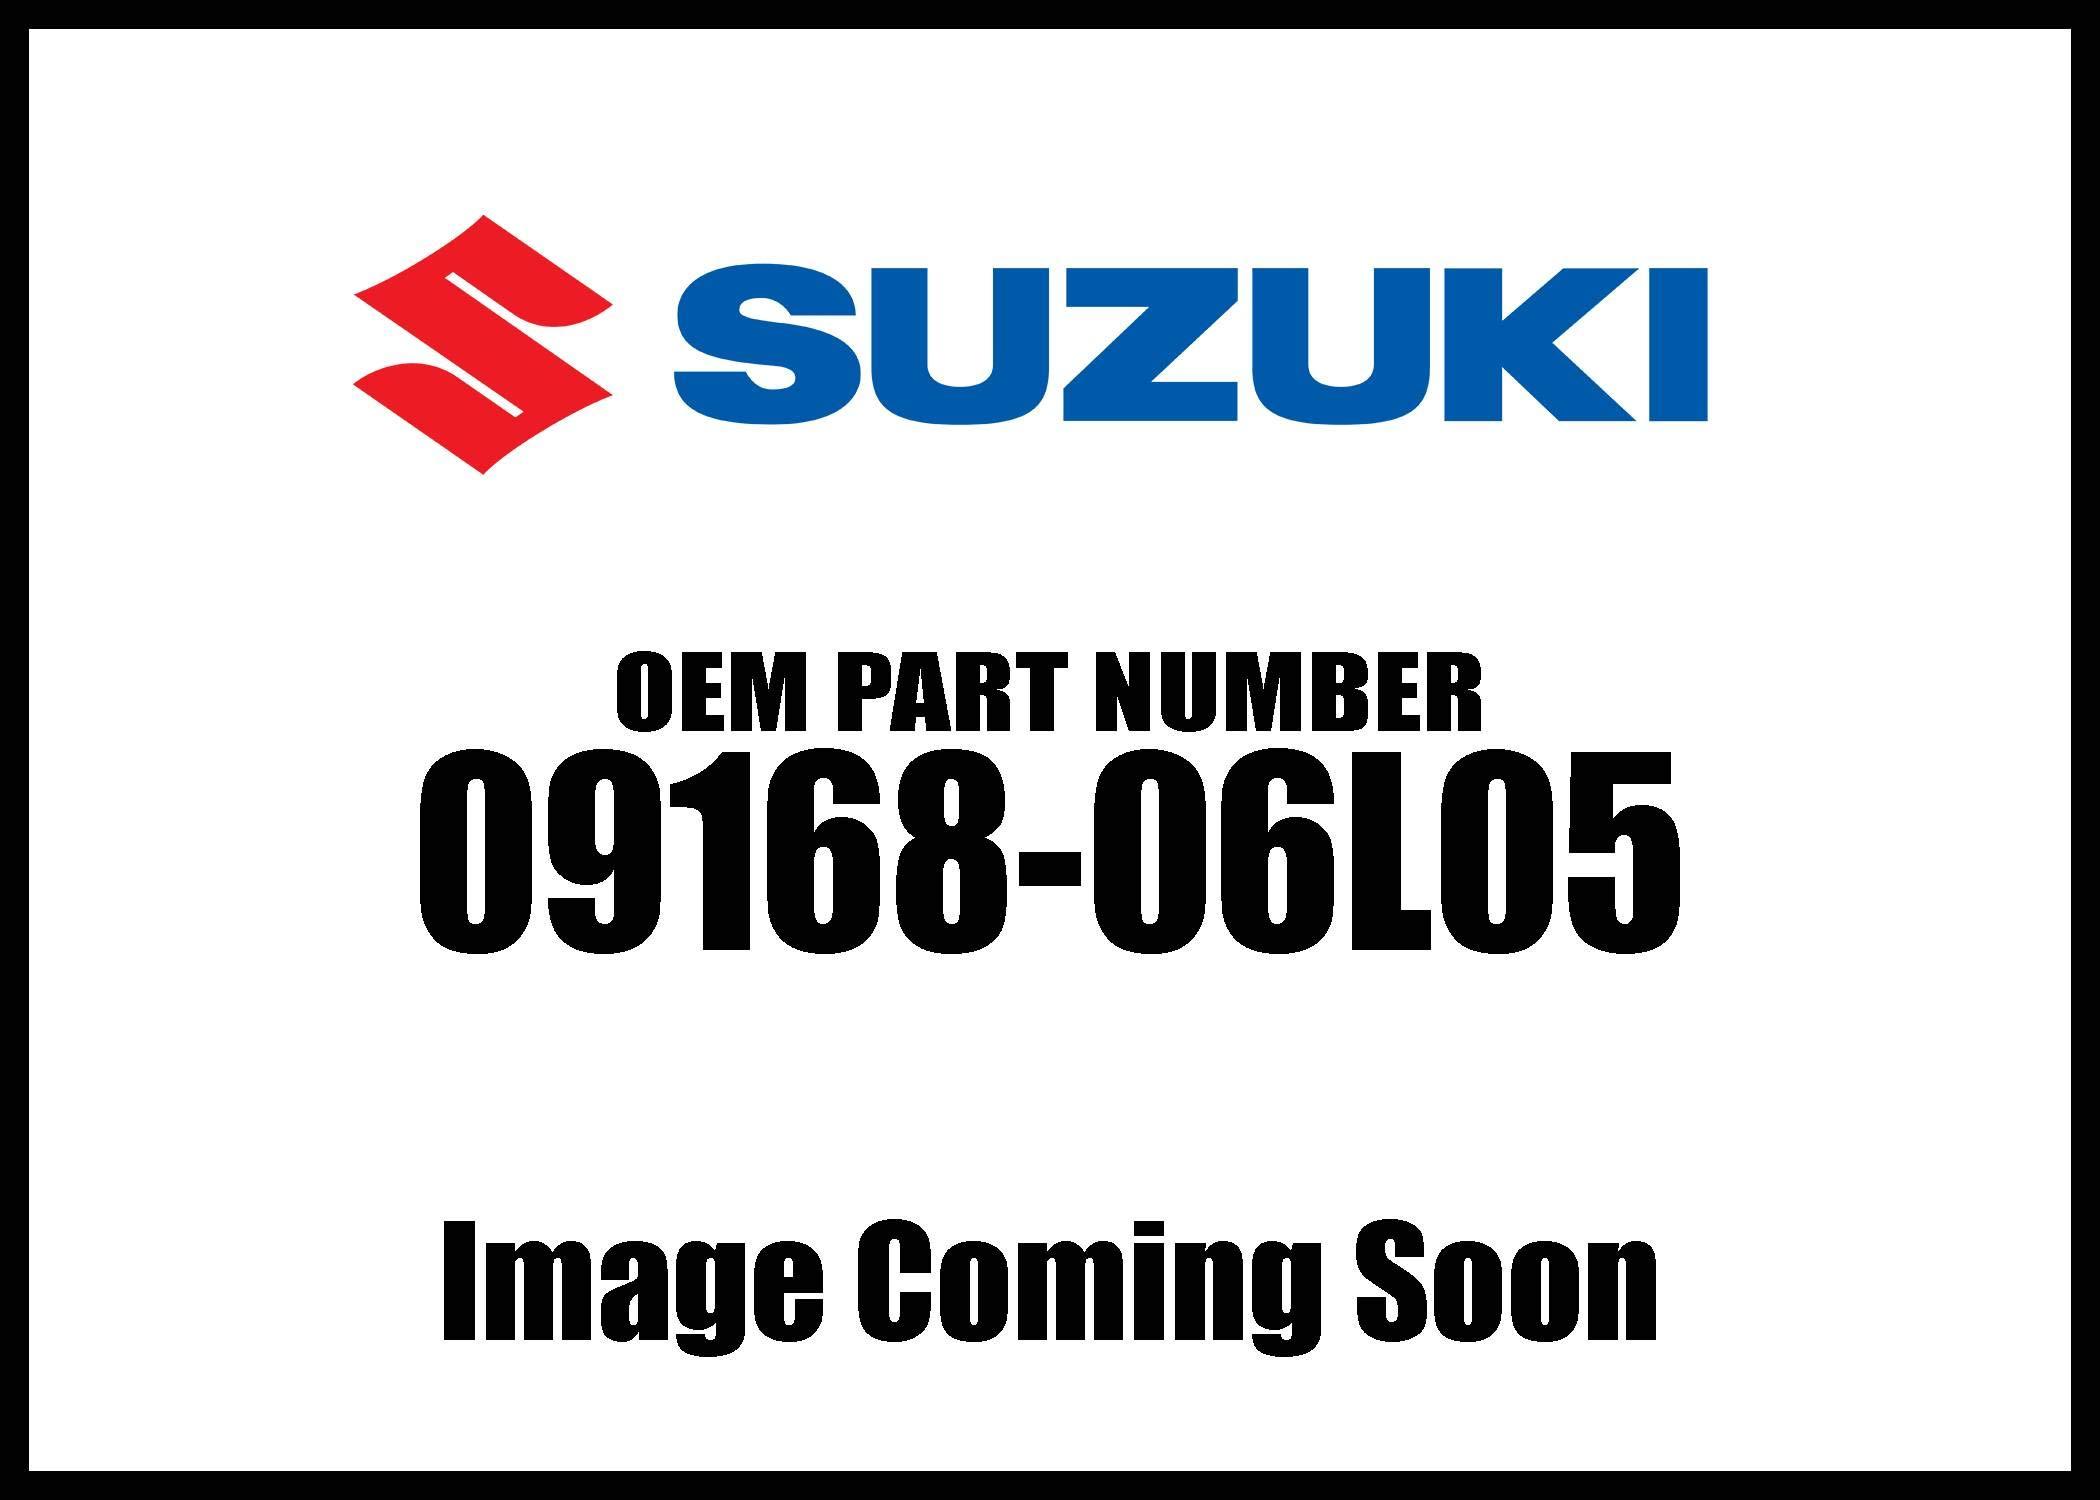 Suzuki Gasket5 8X13x1 09168-06L05 New Oem